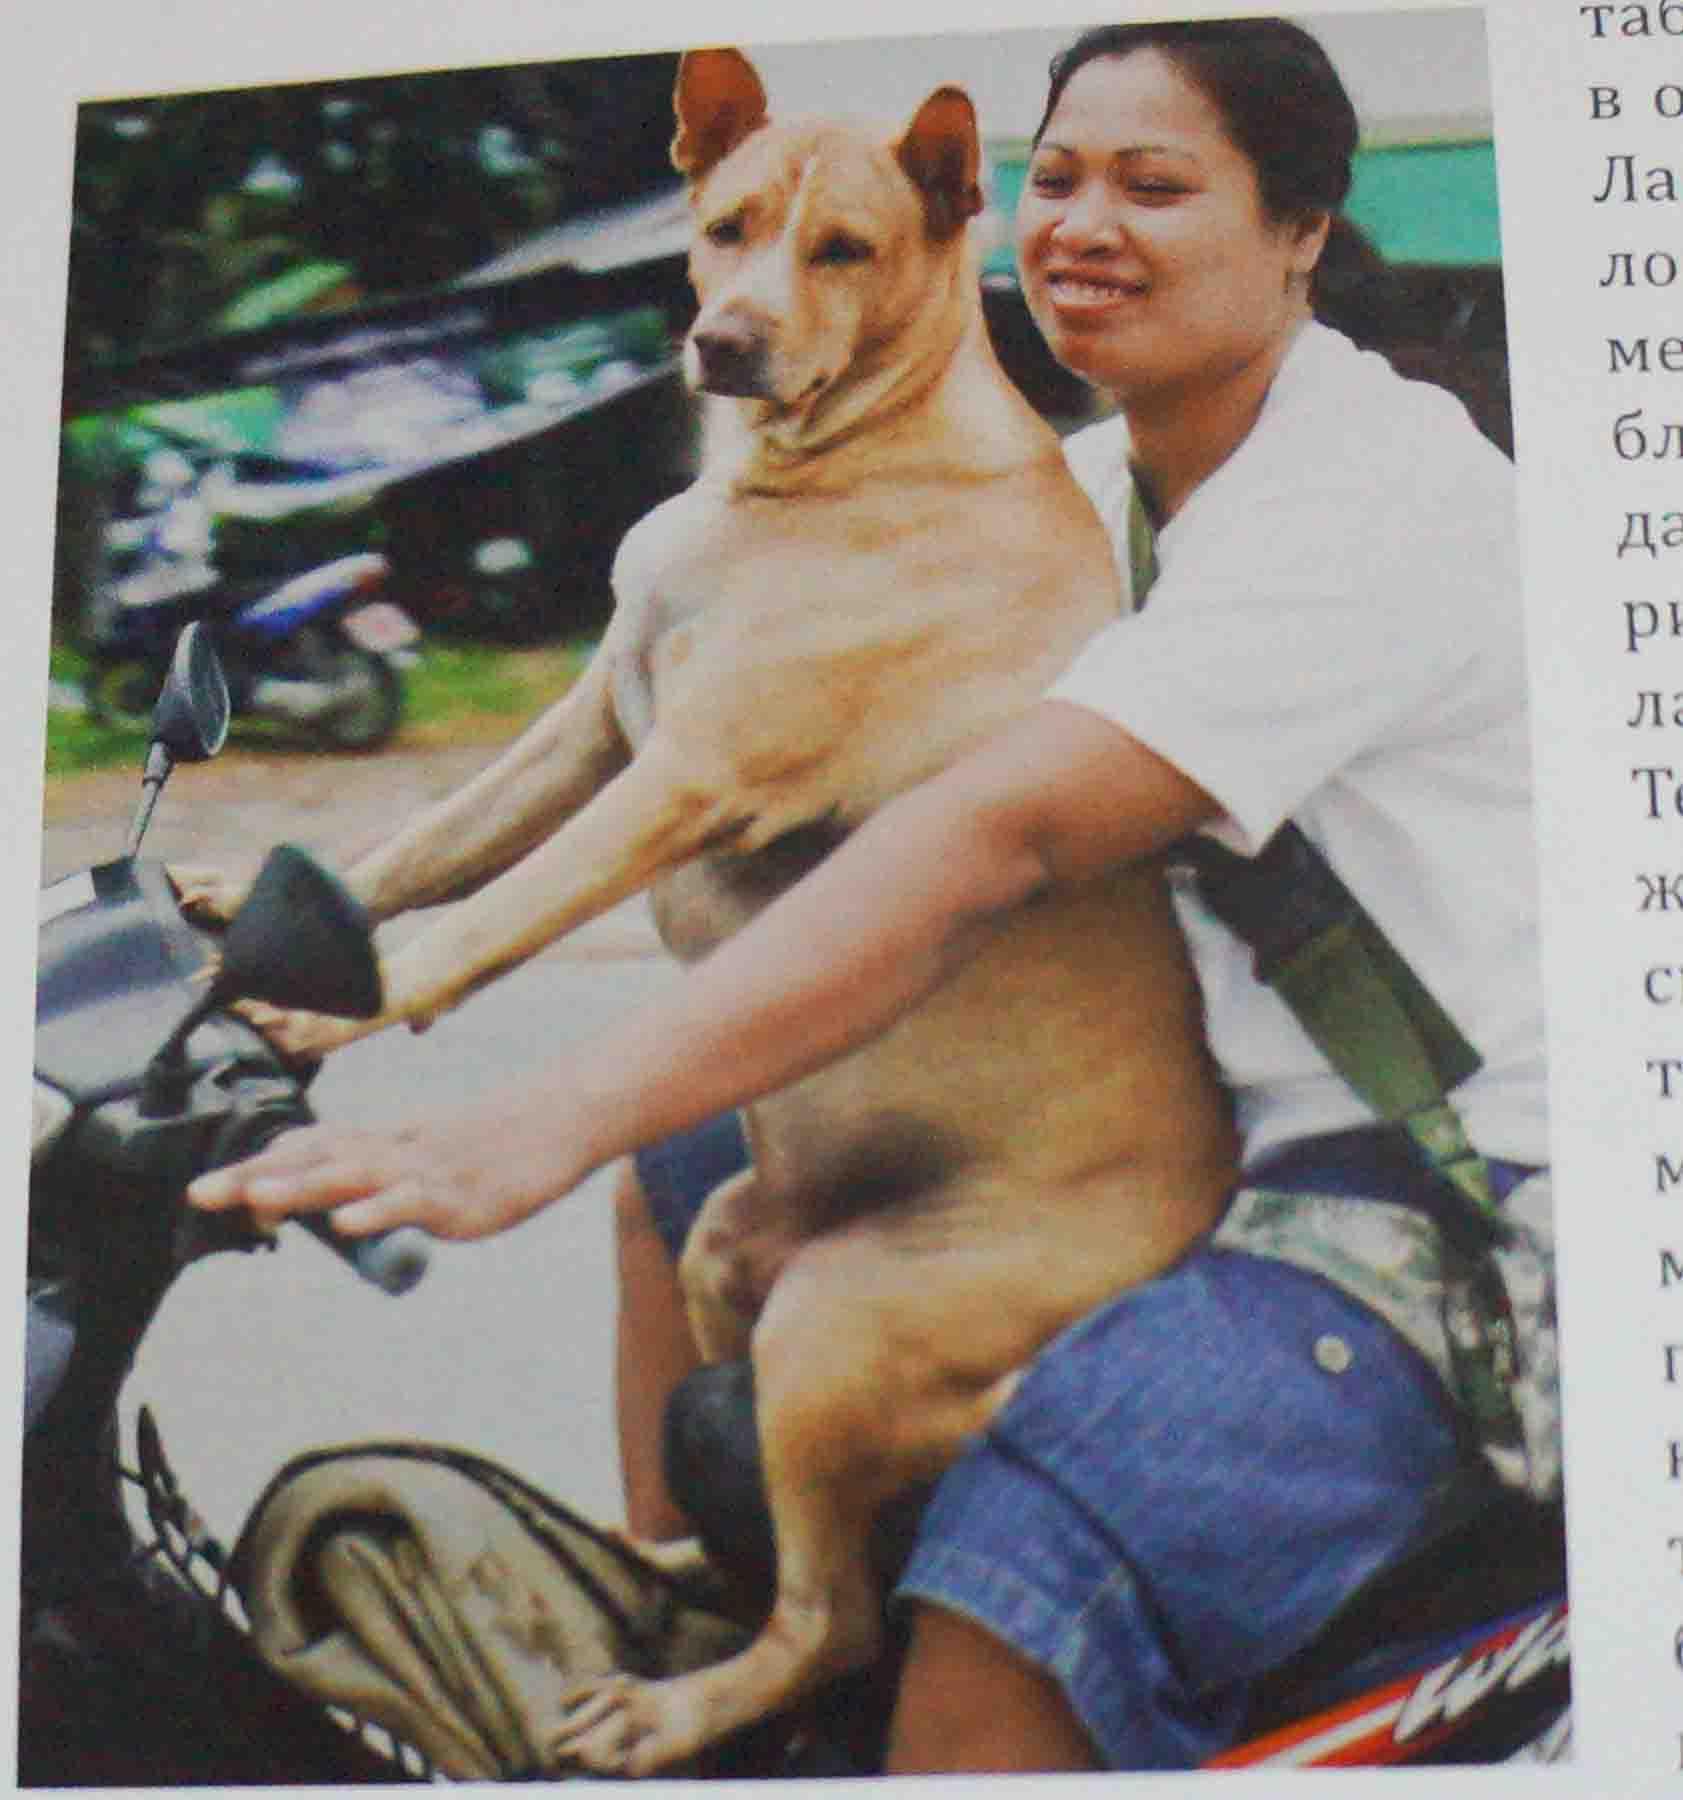 Движение в Таиланде — особенности, советы, ПДД и т.д.